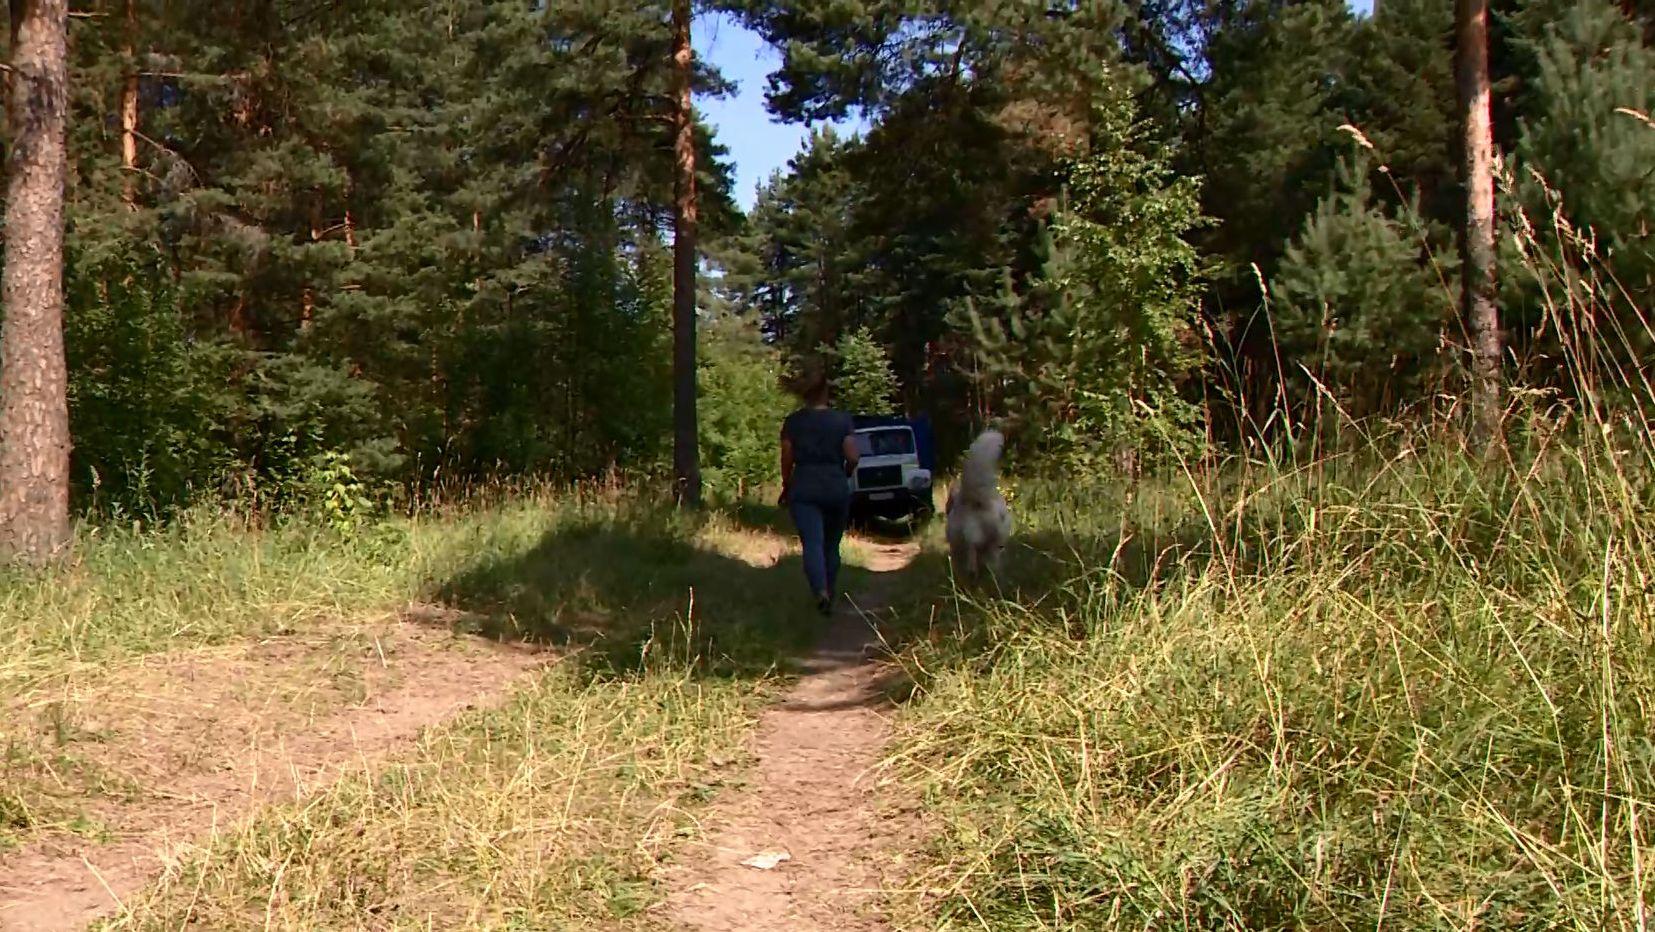 С начала сентября в Ярославской области в полицию поступило 11 сообщений о заблудившихся в лесах гражданах